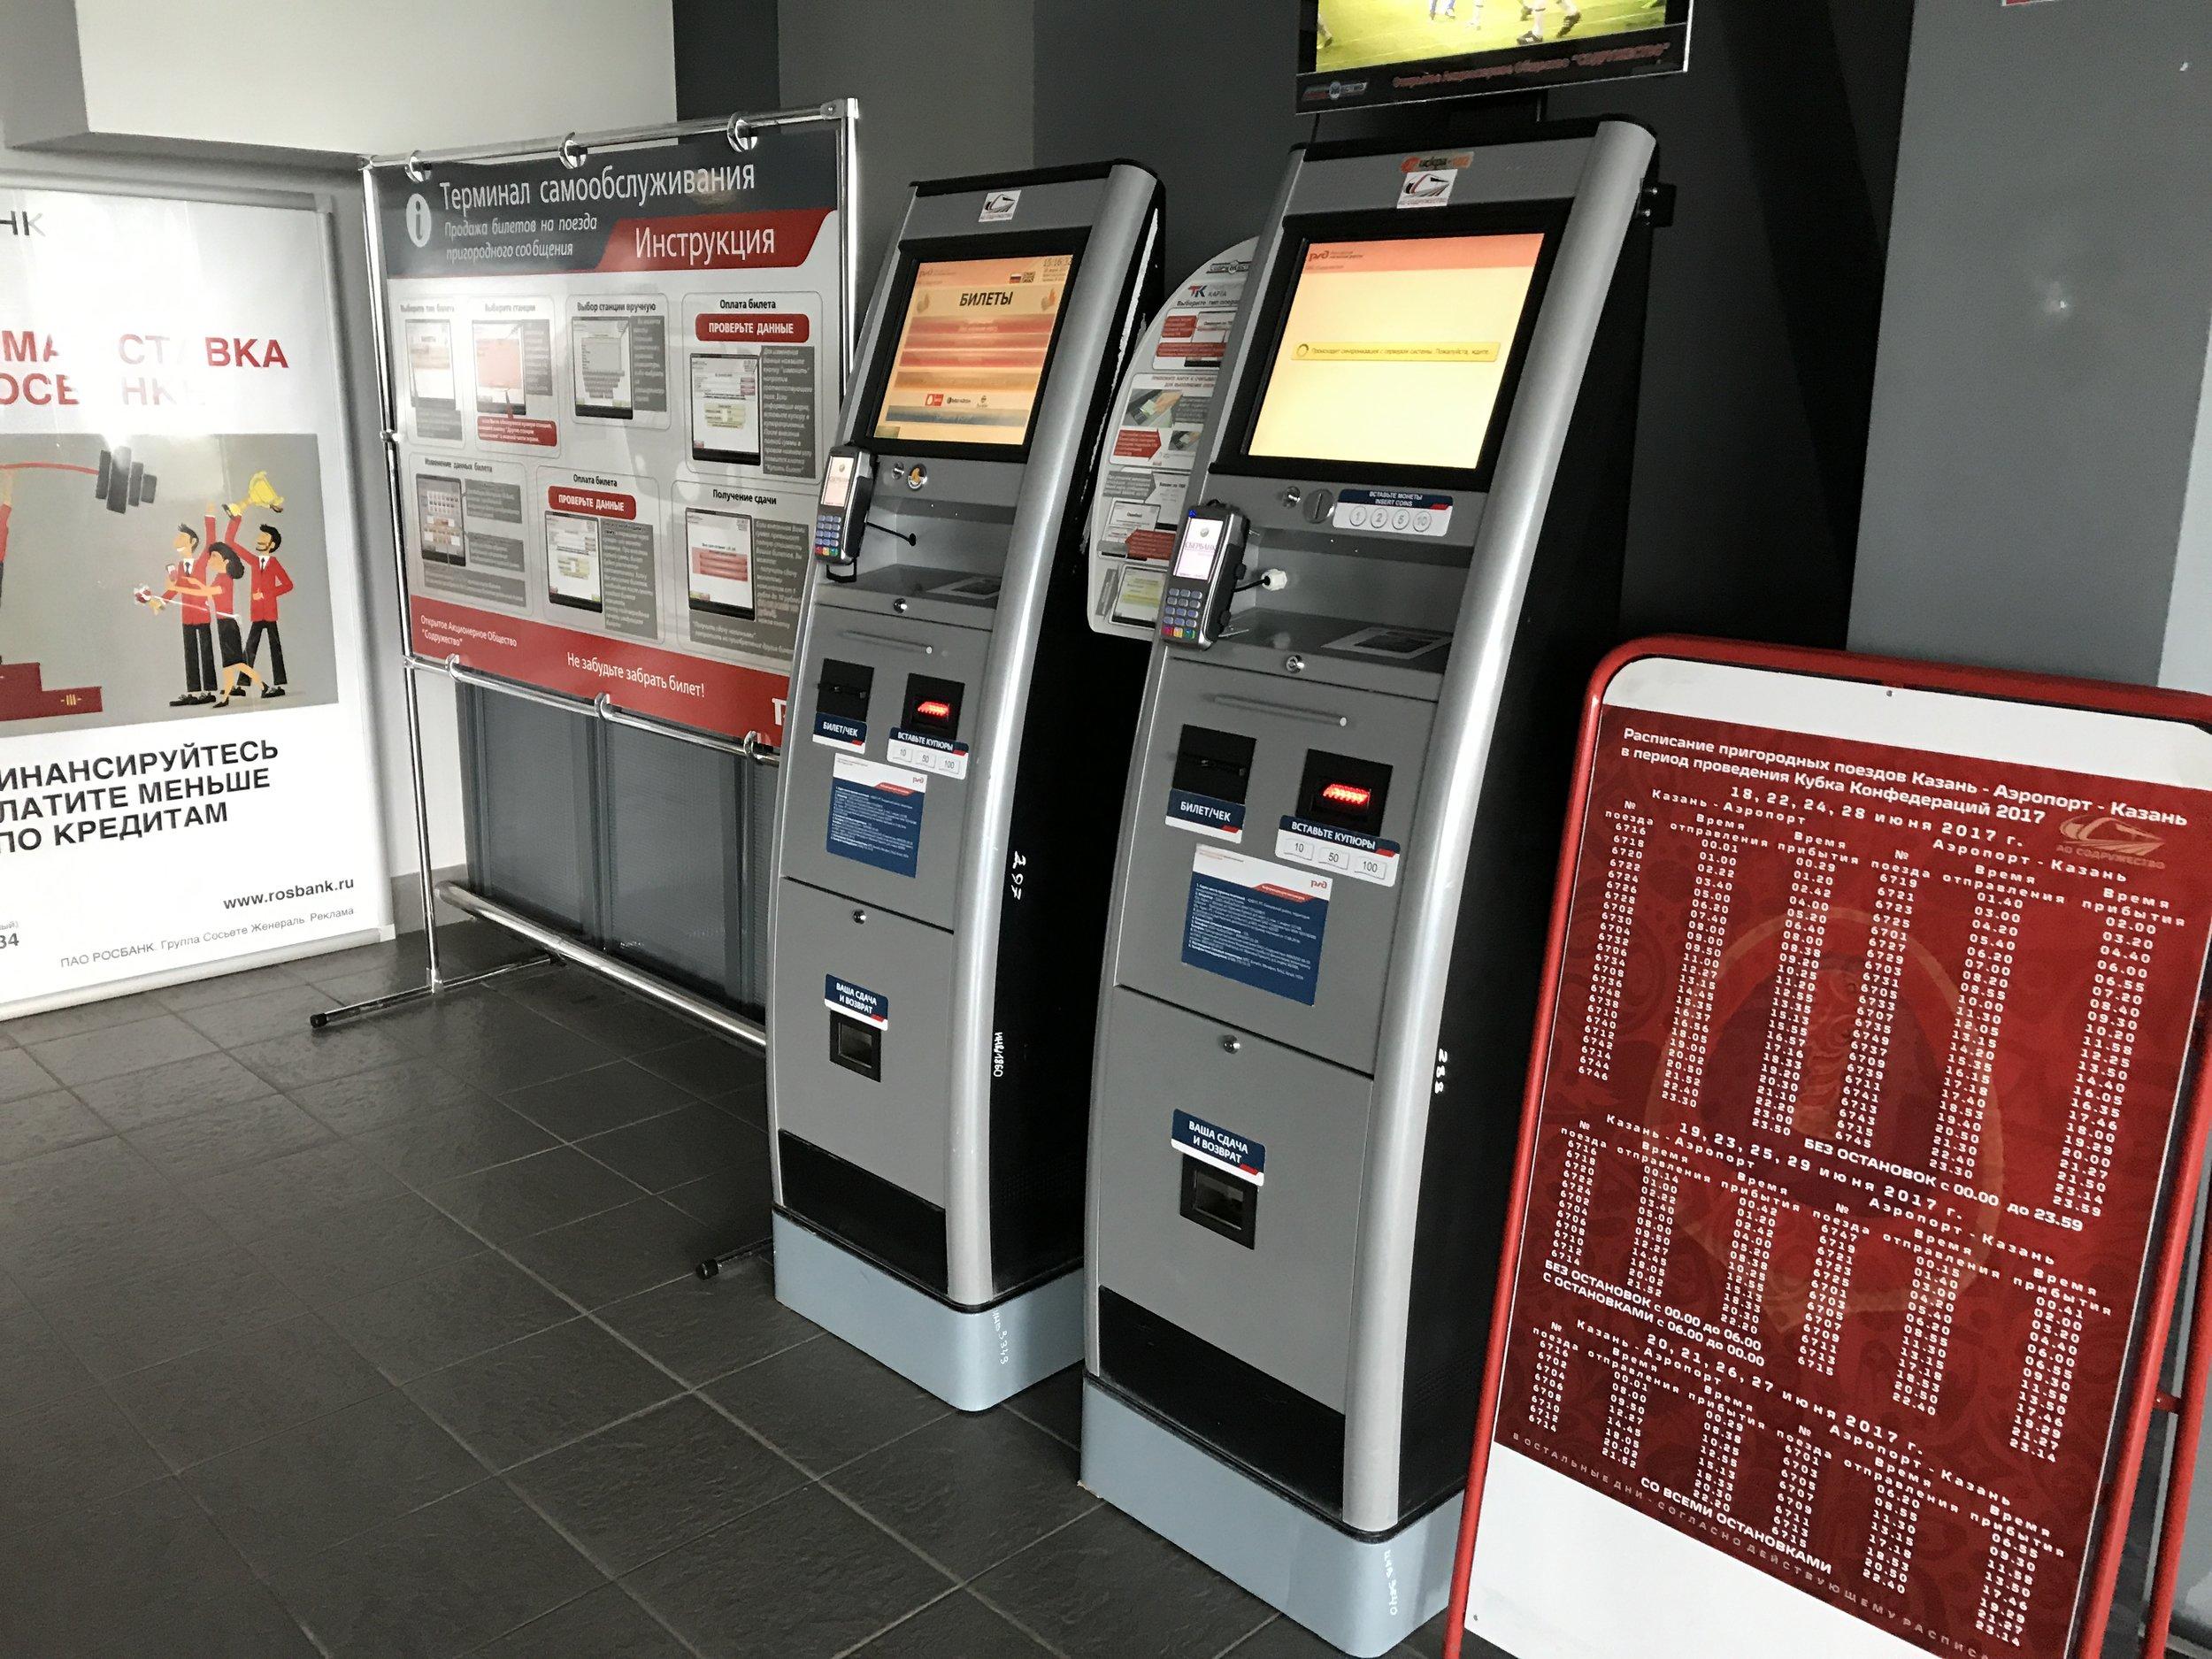 مكائن بيع التذاكرالآلية